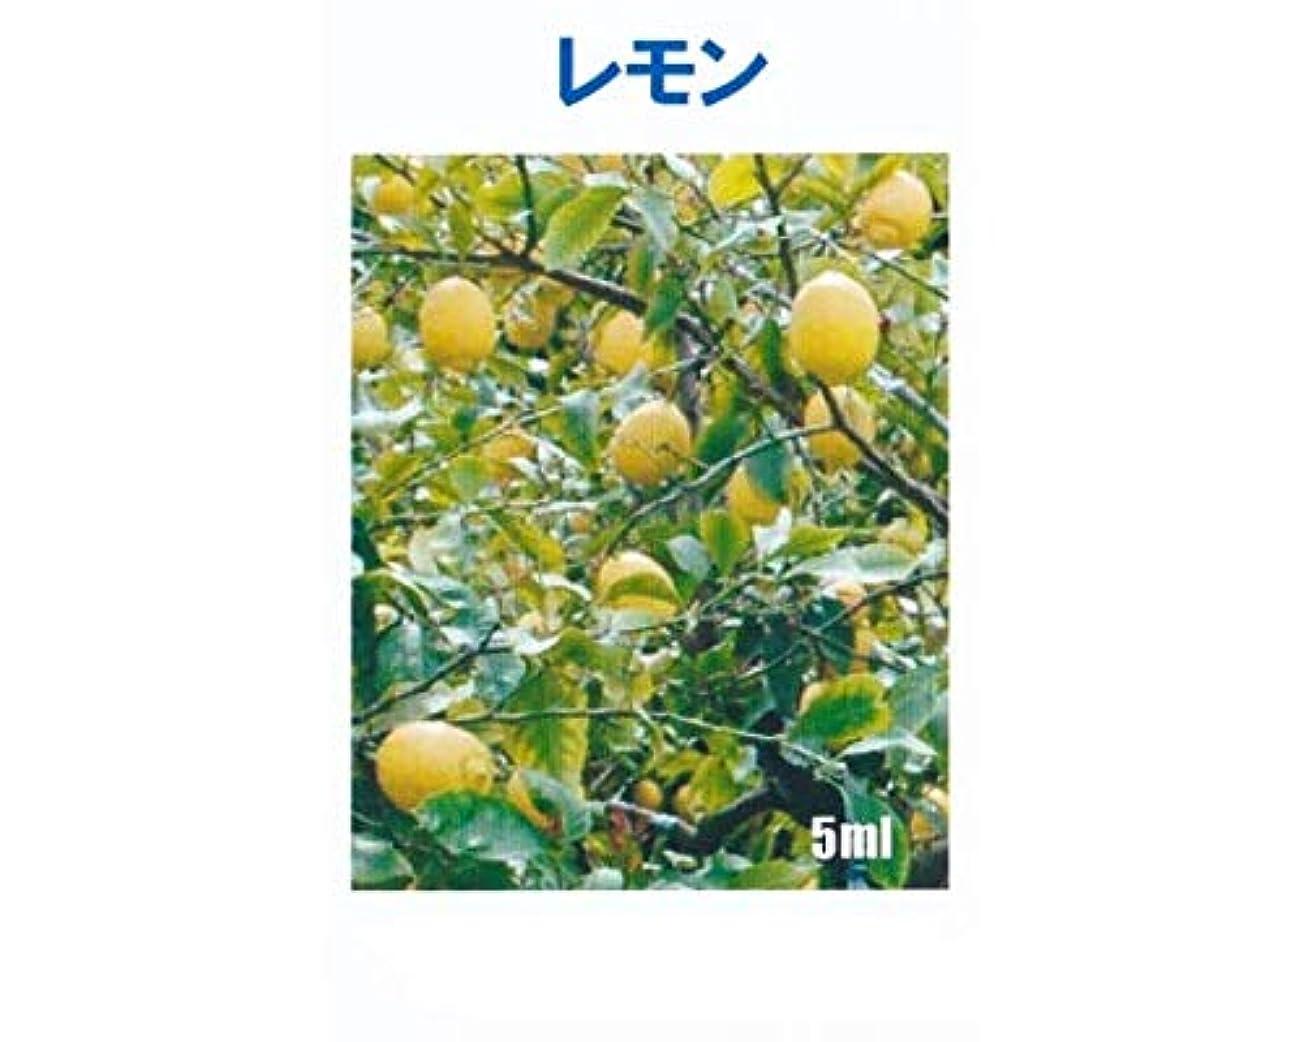 コンチネンタル発生器パネルアロマオイル レモン 5ml エッセンシャルオイル 100%天然成分